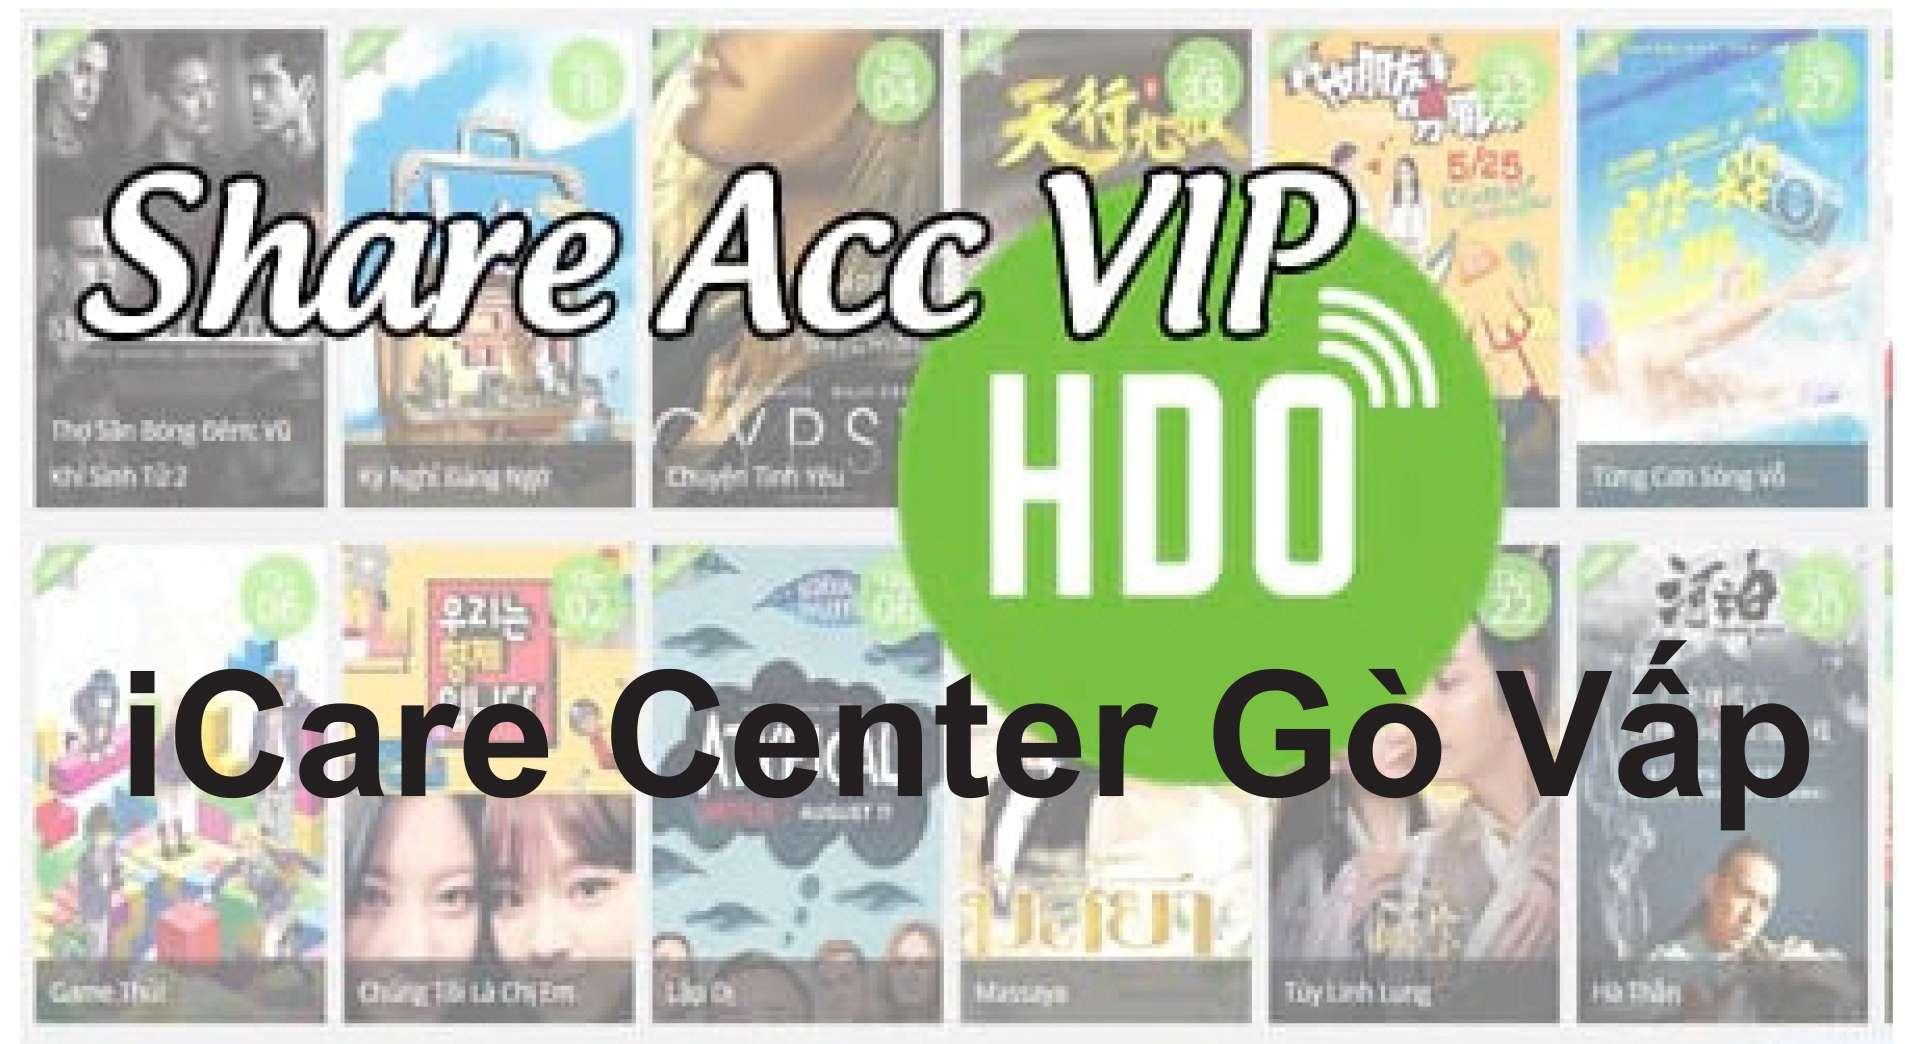 ... tôi sẽ Share Acc VIP HDOnline.vn để giúp bạn đọc có thể thoải mái theo  dõi cũng như tận hưởng những thước phim online chất lượng qua bài viết sau  đây.